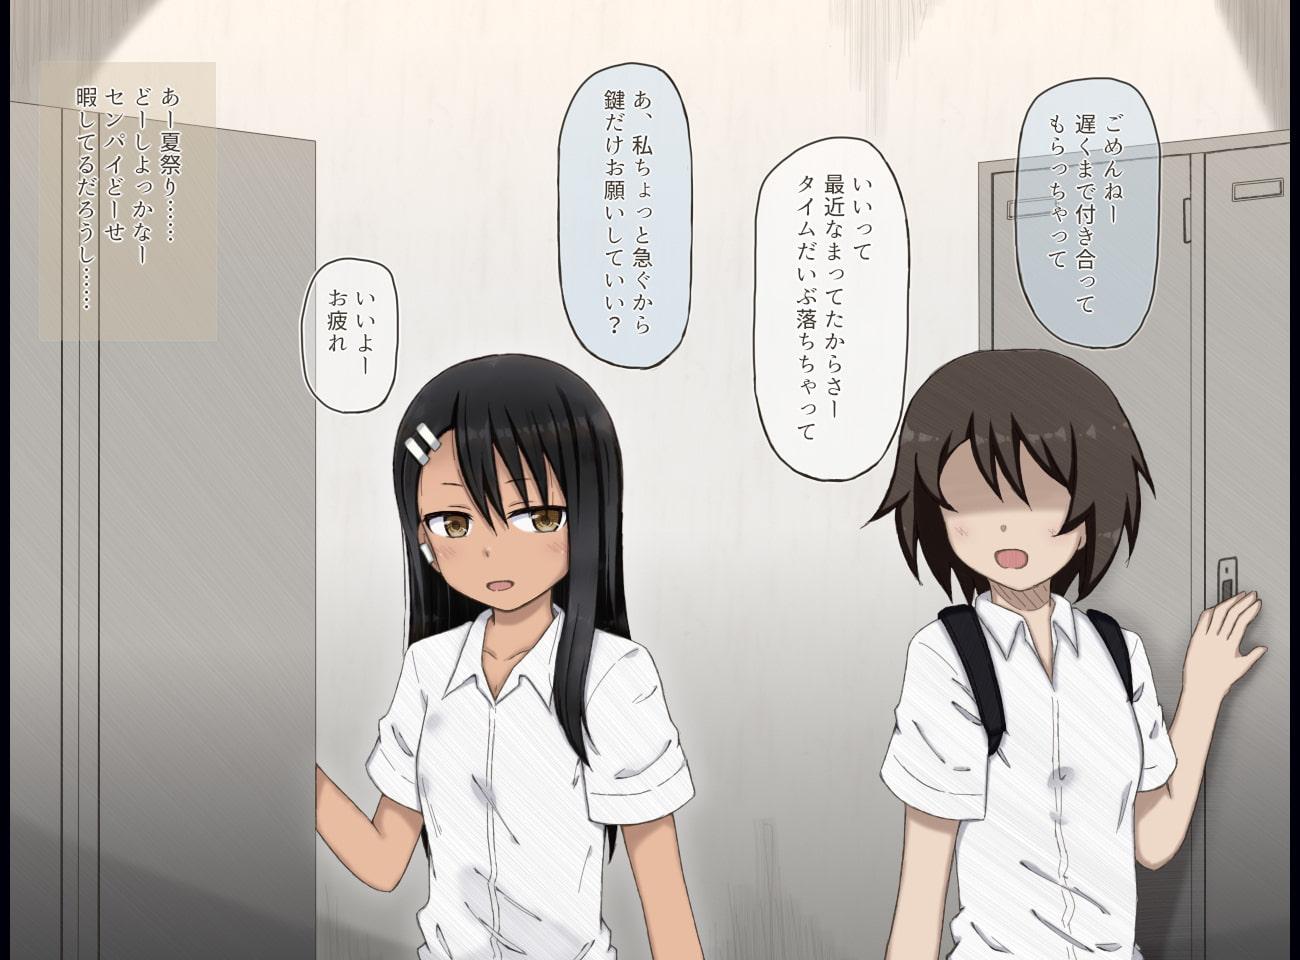 RJ324157 長瀞さんがキモオタ共の性奴隷にされちゃう話 [20210423]